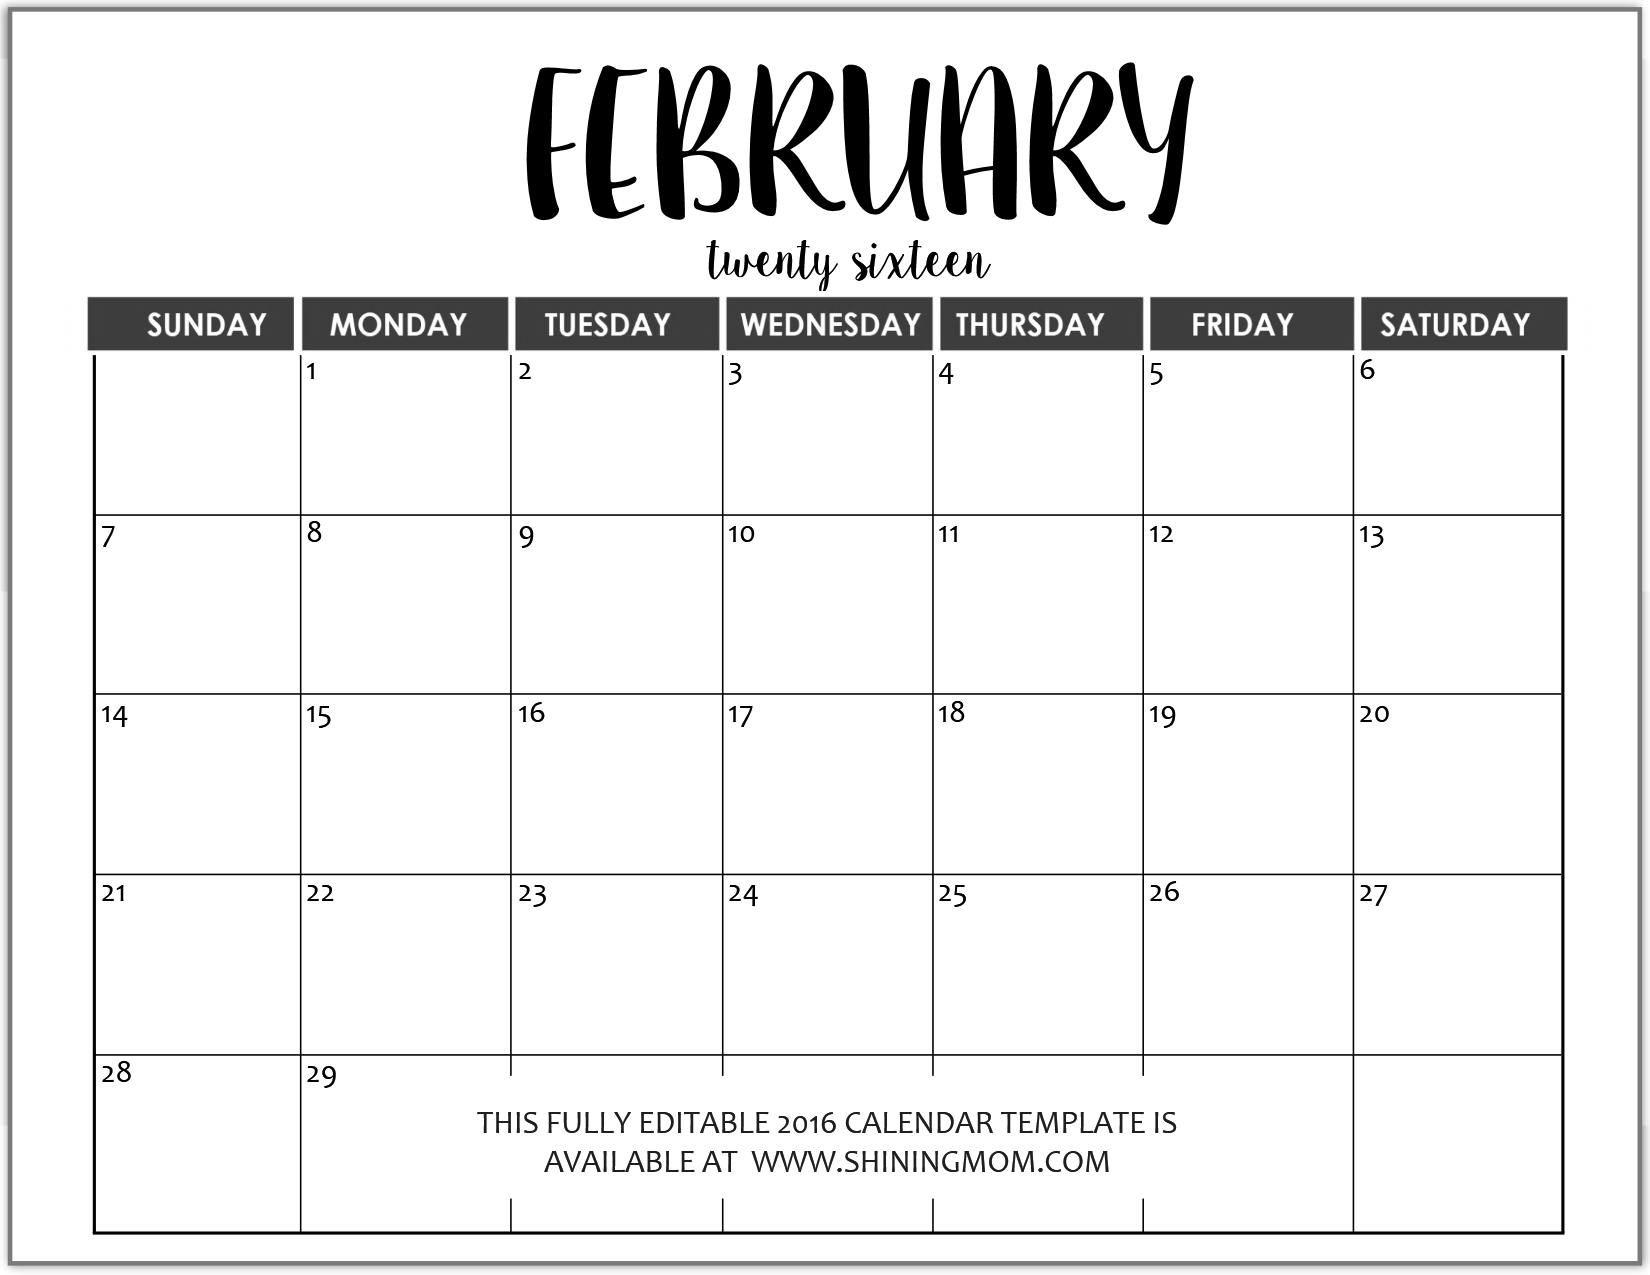 February 2016 Calendar Template Editable